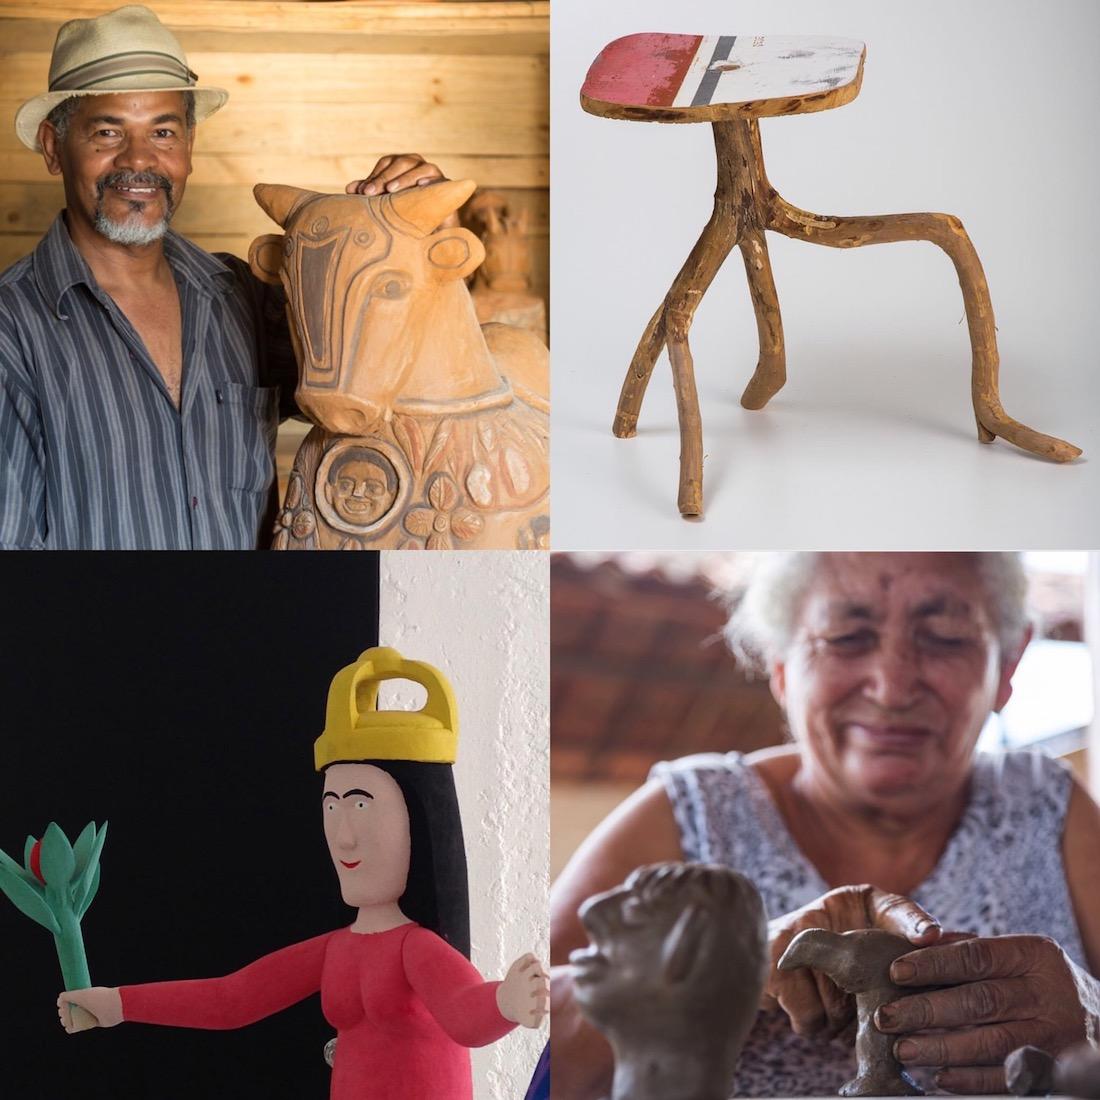 Fotos: Projeto Sertões/divulgação